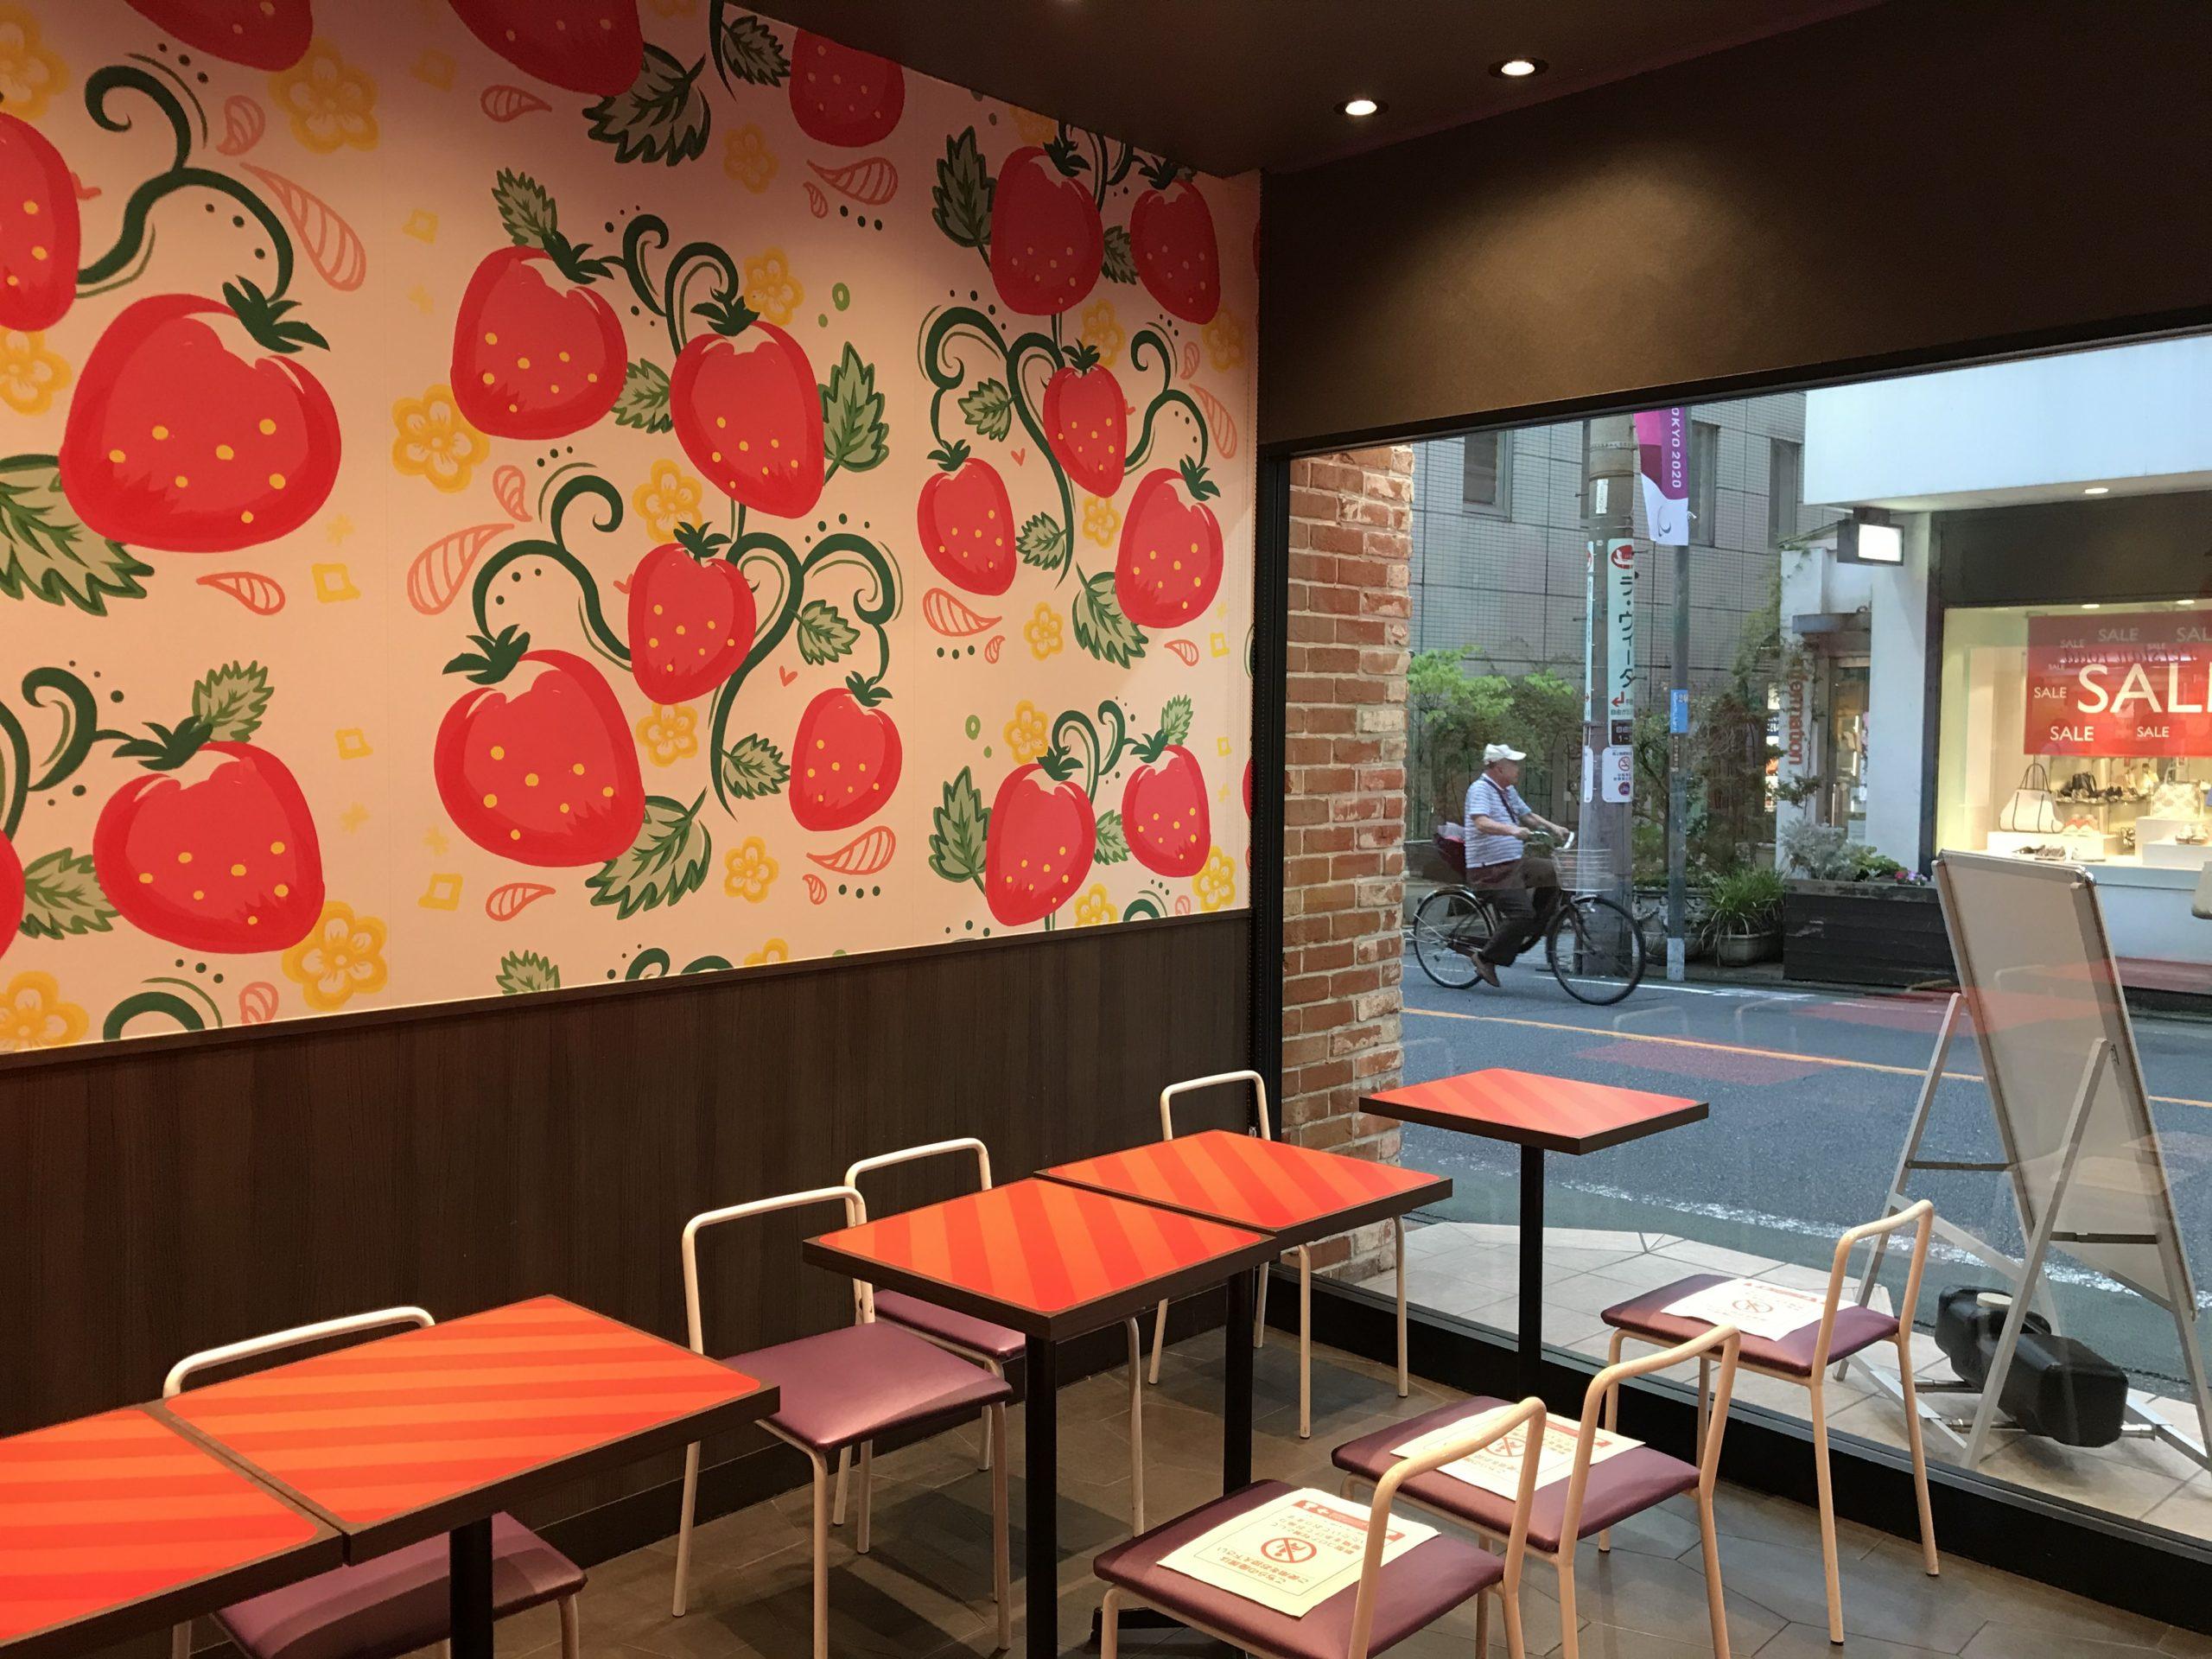 StrawBerryLabo,ストロベリーラボ,自由が丘,いちご飴,イチゴアメ,スイーツ,フルーツ,いちご